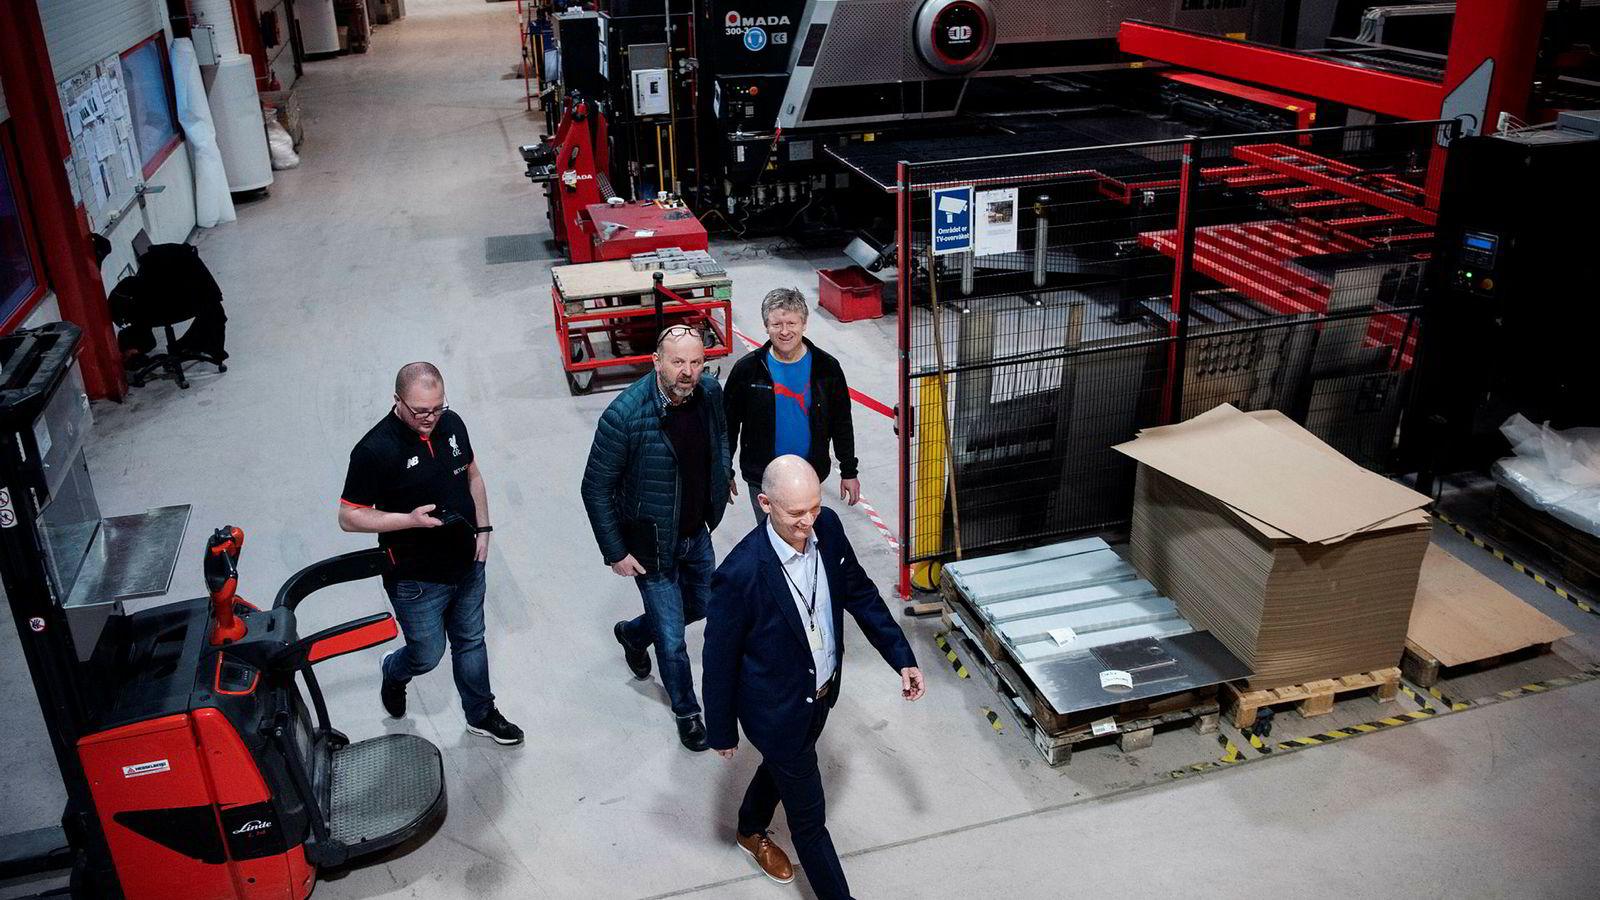 Nye eiere håper de endelig skal klare å tjene penger på tapssluket IKM Haaland på Vigrestad. Ståle Kyllingstad (fremst), Gabriel Pollestad (til høyre) og Bjørn Rygg (i midten) går sammen om eierskapet i IKM Haaland. Gabriel Høyland, produksjonssjef IKM Haaland (til venstre).